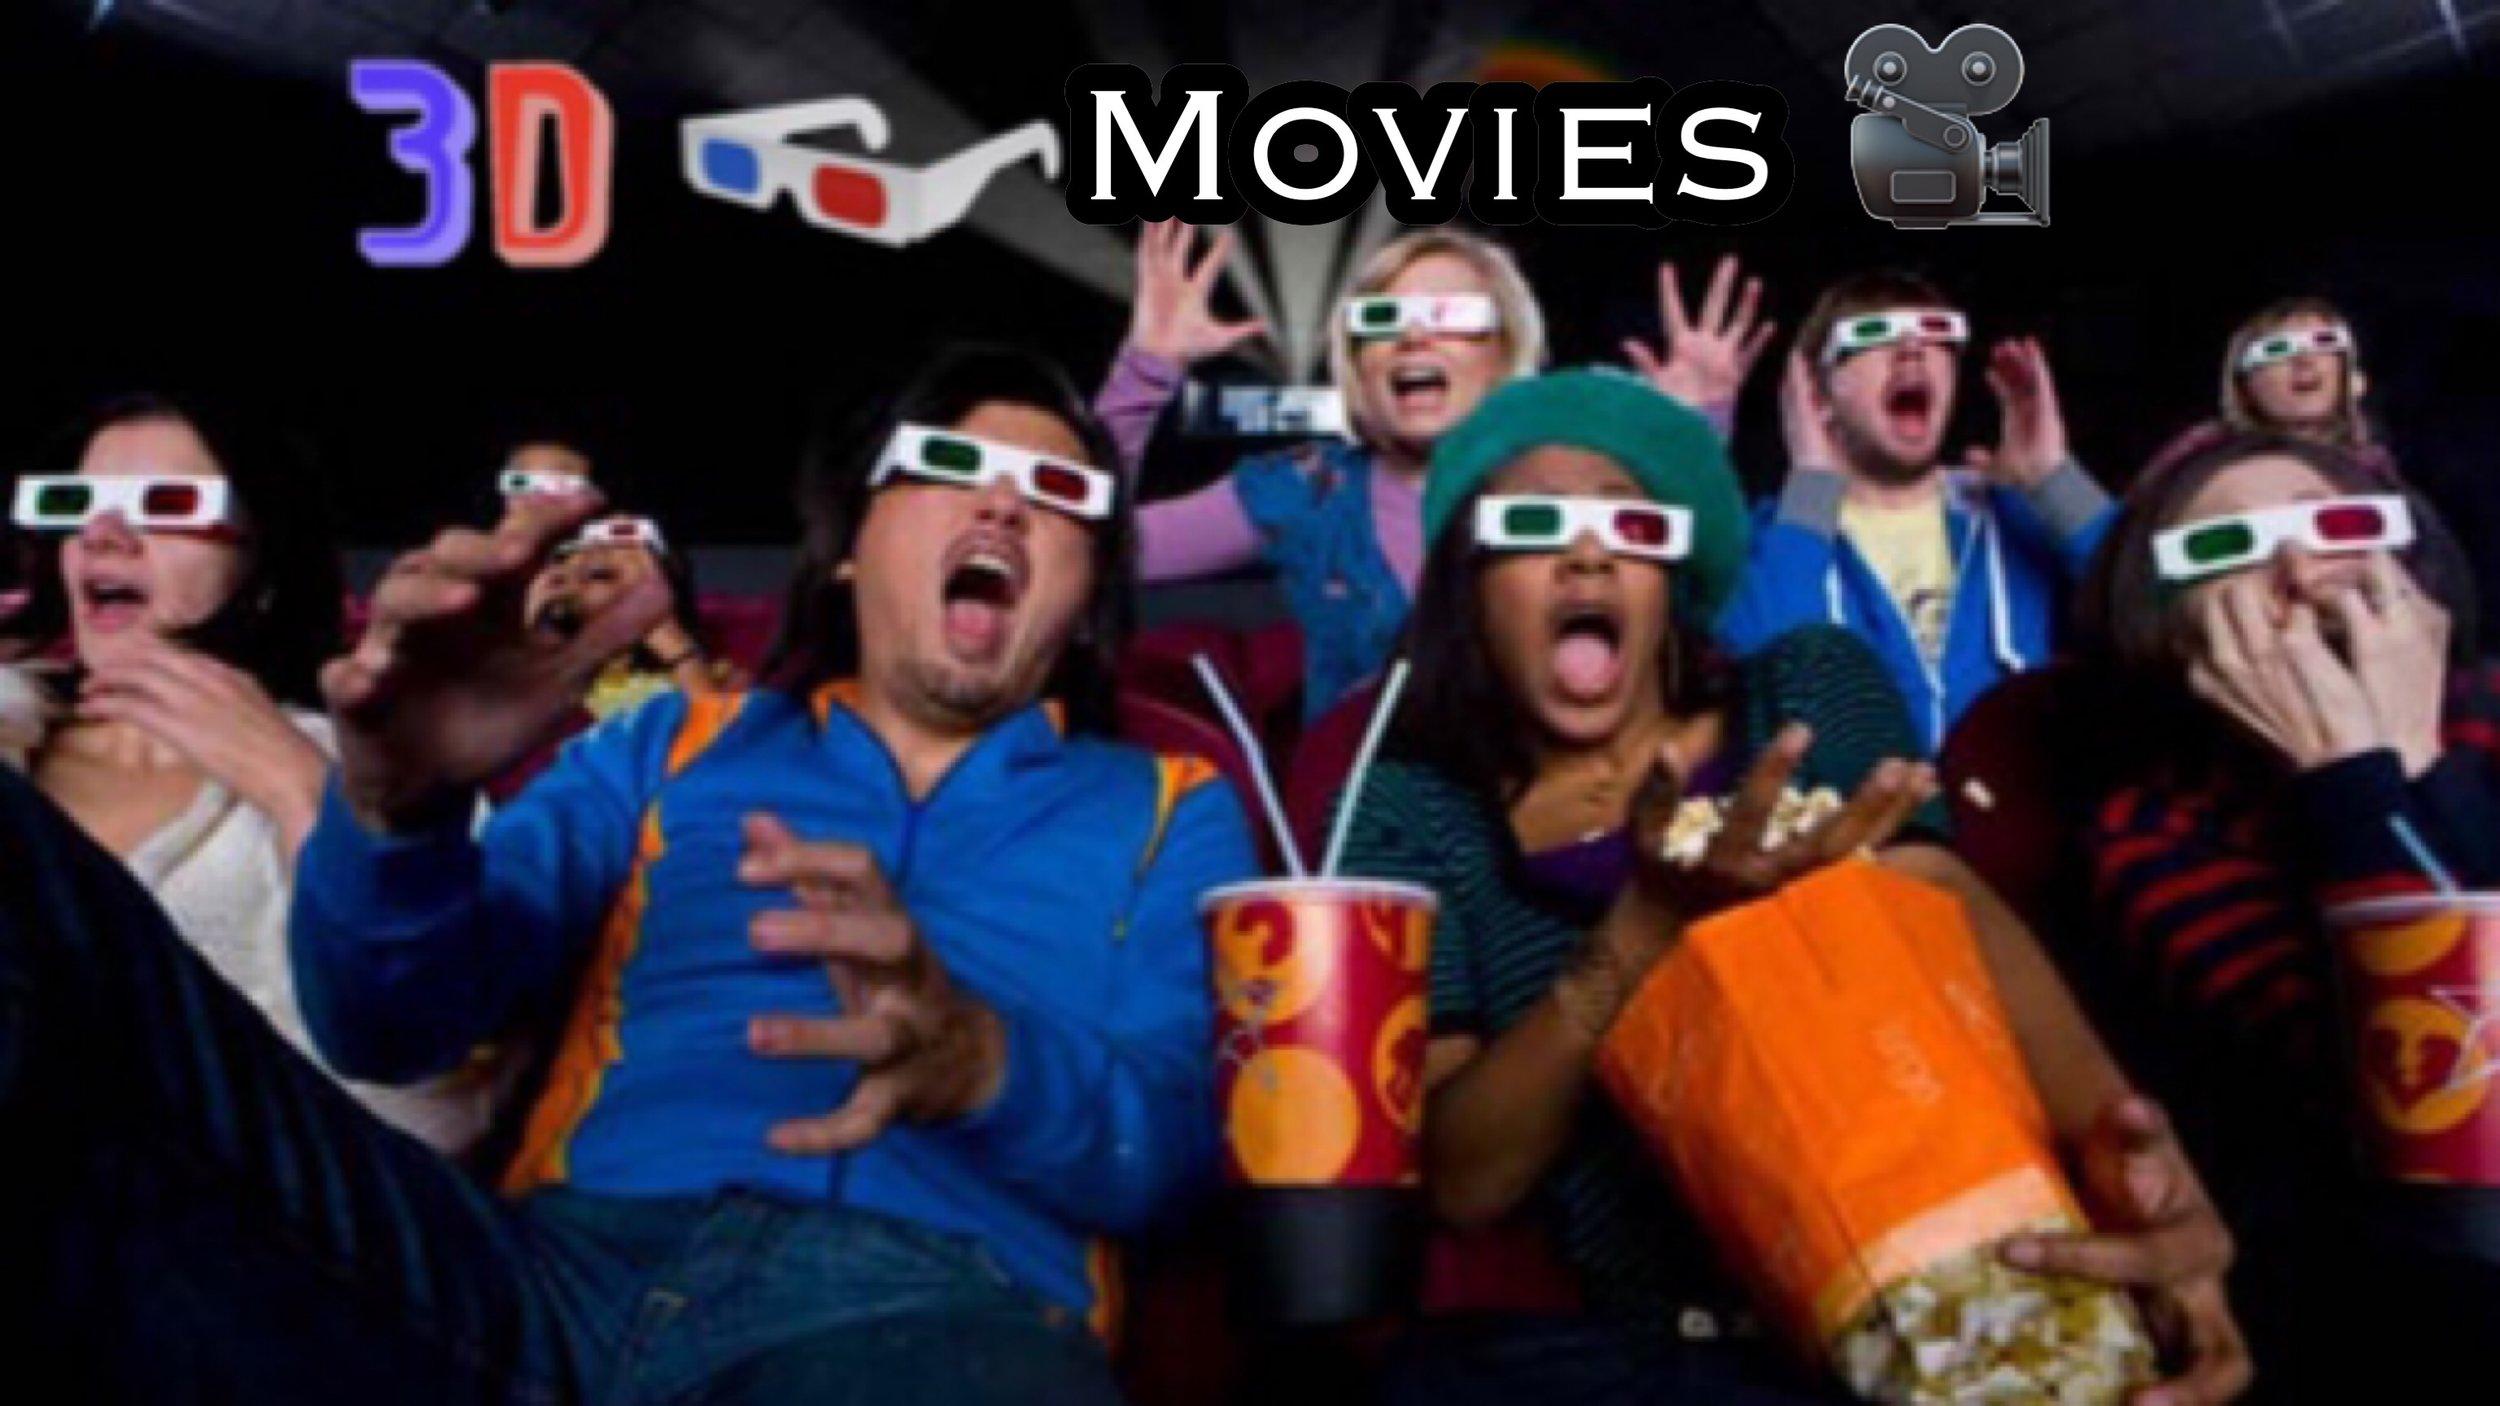 3d-movies-3-d-films.JPG